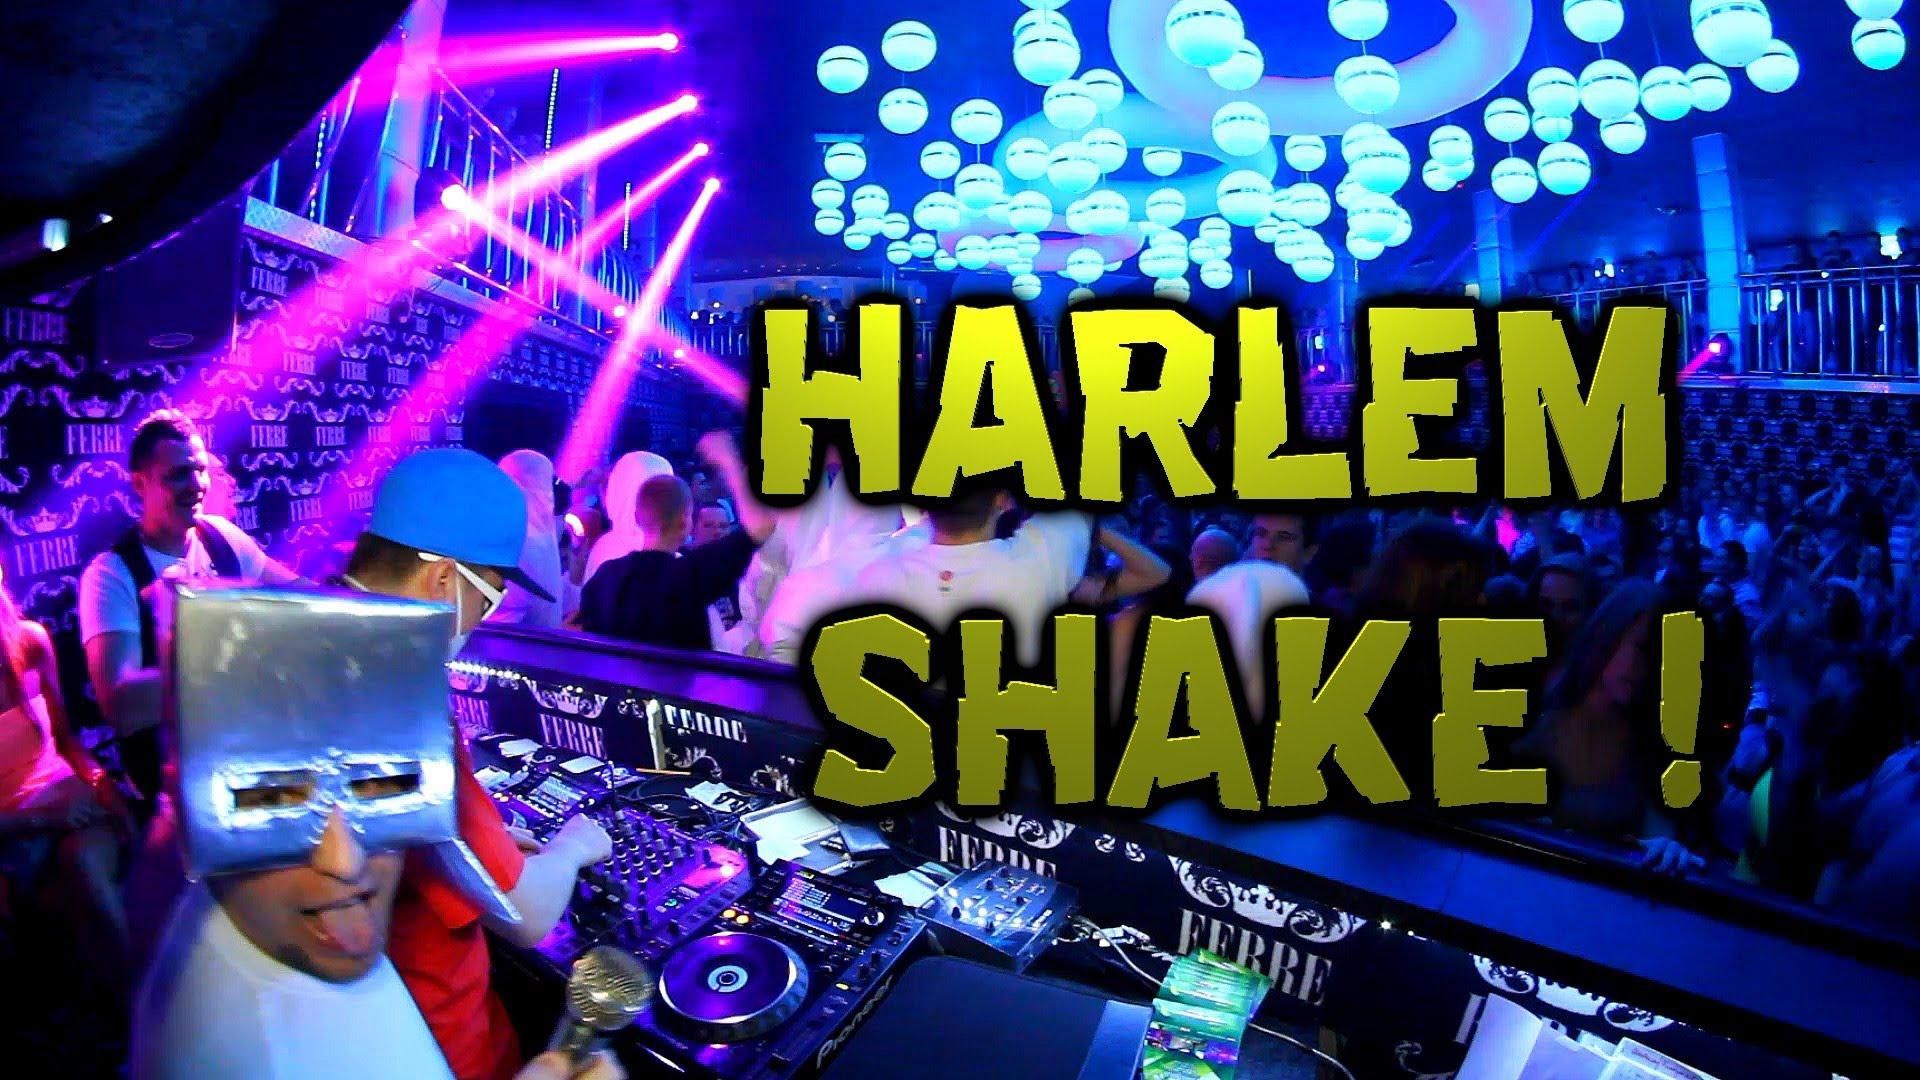 Chwytak & Dj Wiktor - Harlem Shake w klubie FERRE.